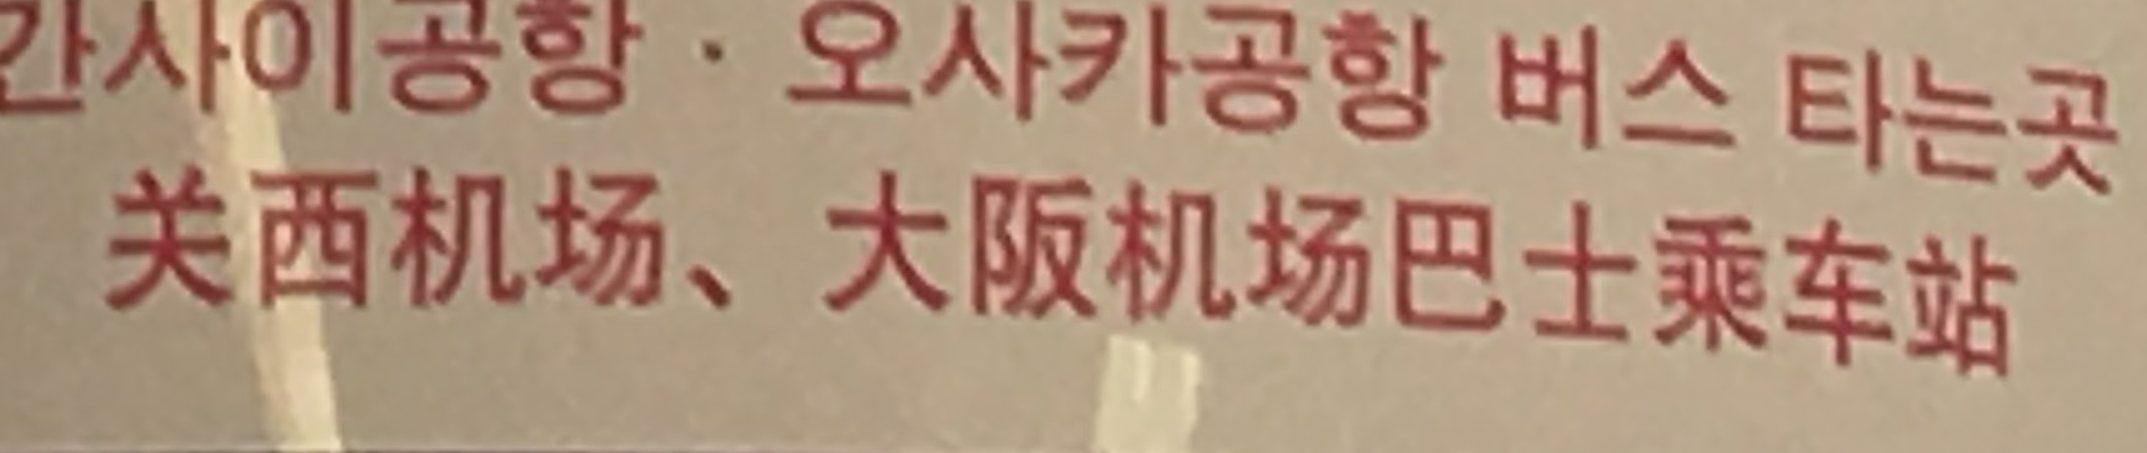 jichuan